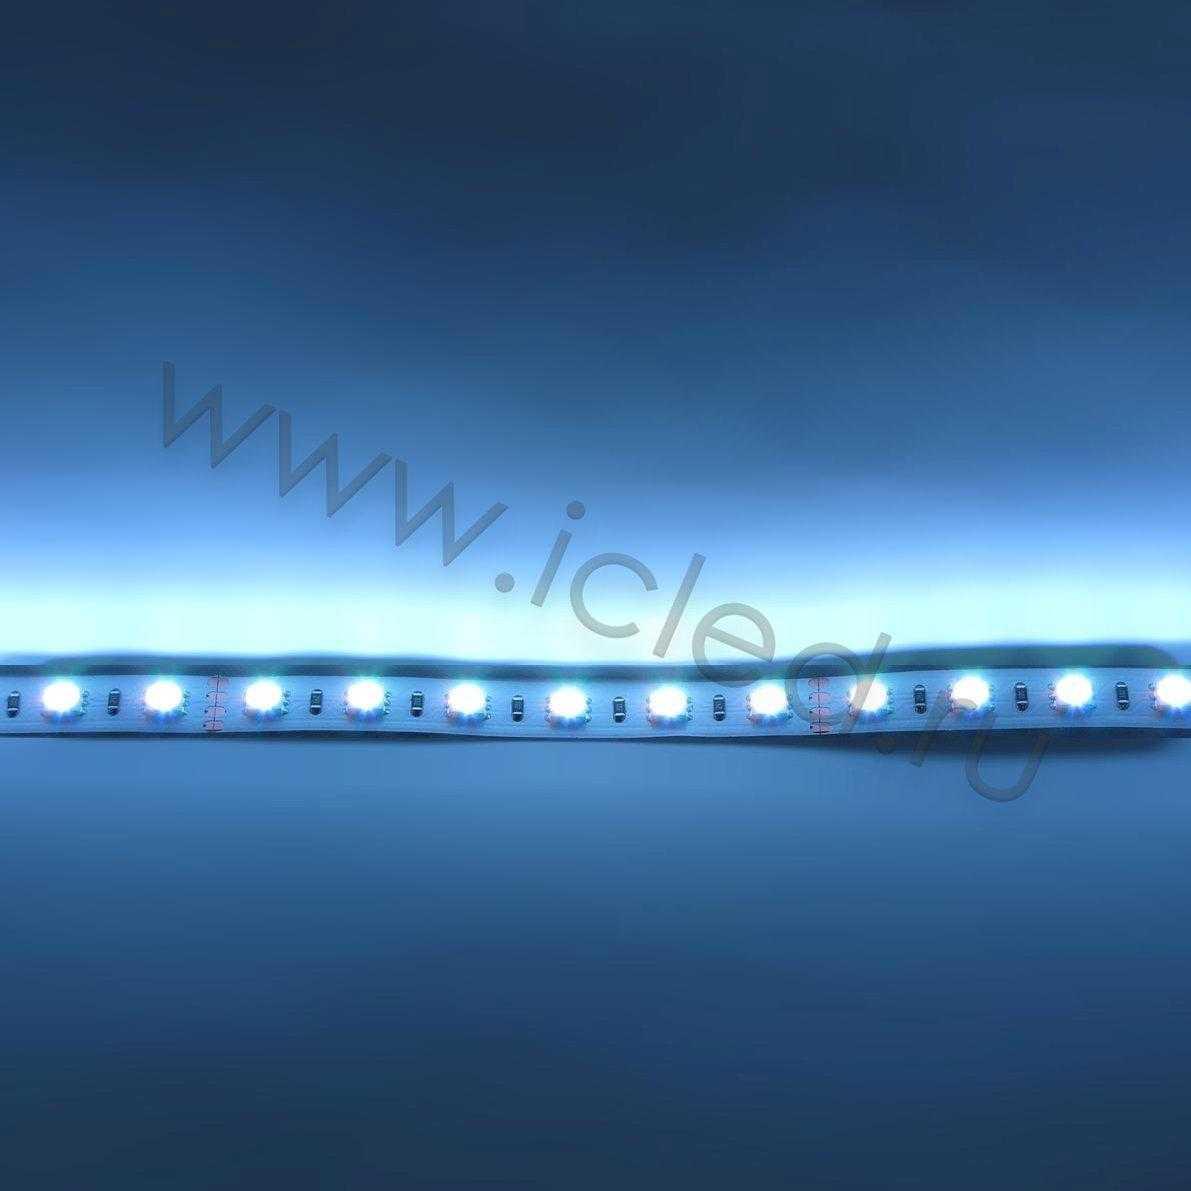 Светодиодная лента Class B, 5050, 72led/m, RGB, 24V, IP33